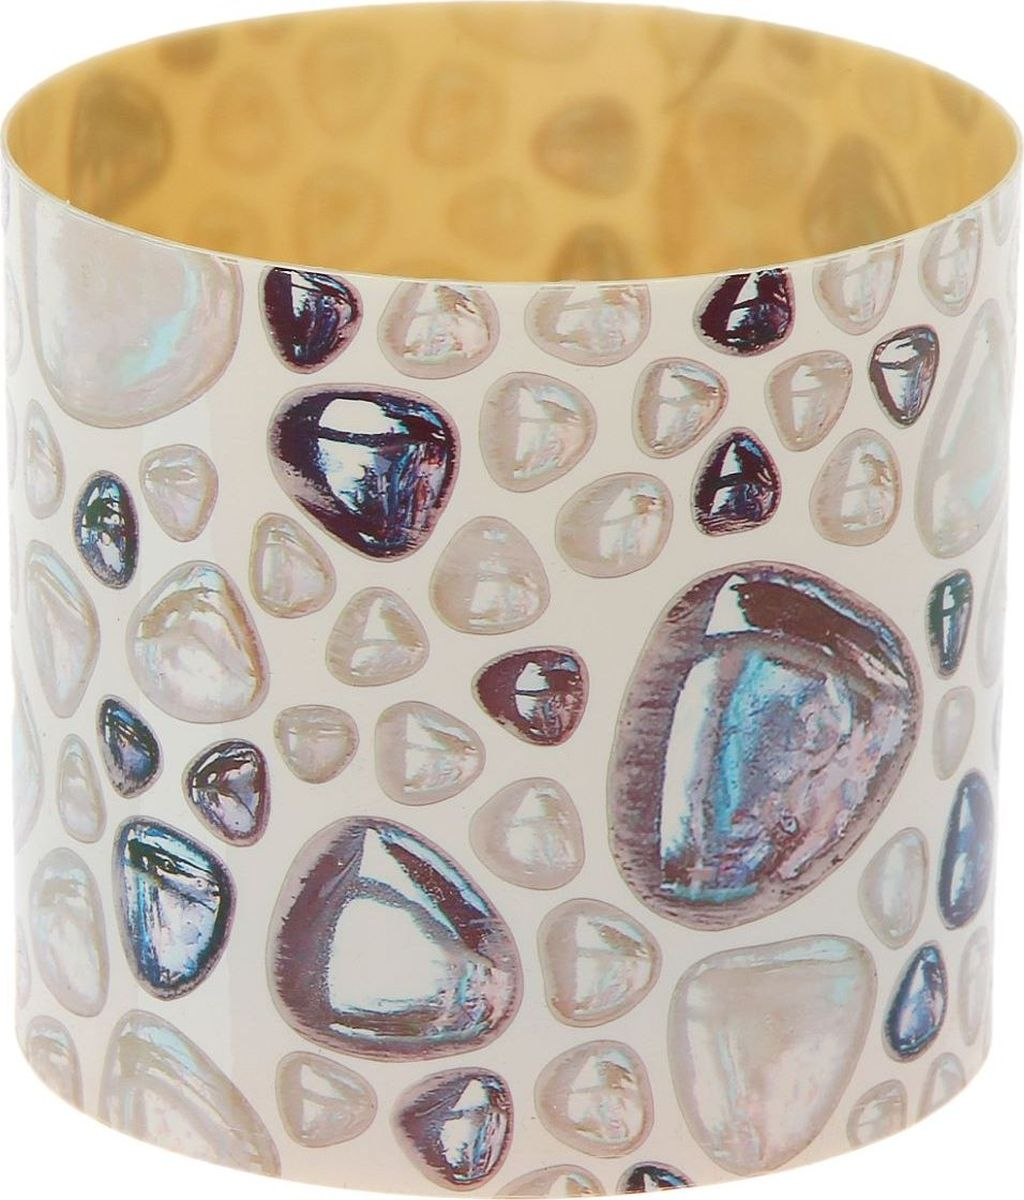 Горшок для цветов Simple Garden Камни, со скрытым поддоном, 1,7 л1915362Любой, даже самый современный и продуманный интерьер будет незавершённым без растений. Они не только очищают воздух и насыщают его кислородом, но и заметно украшают окружающее пространство. Такому полезному члену семьи просто необходимо красивое и функциональное кашпо, оригинальный горшок или необычная ваза!Горшок для цветов Simple Garden Камни предназначен для выращивания цветов, растений и трав. Он порадует вас функциональностью, а также украсит интерьер помещения.Объем горшка: 1,7 л.